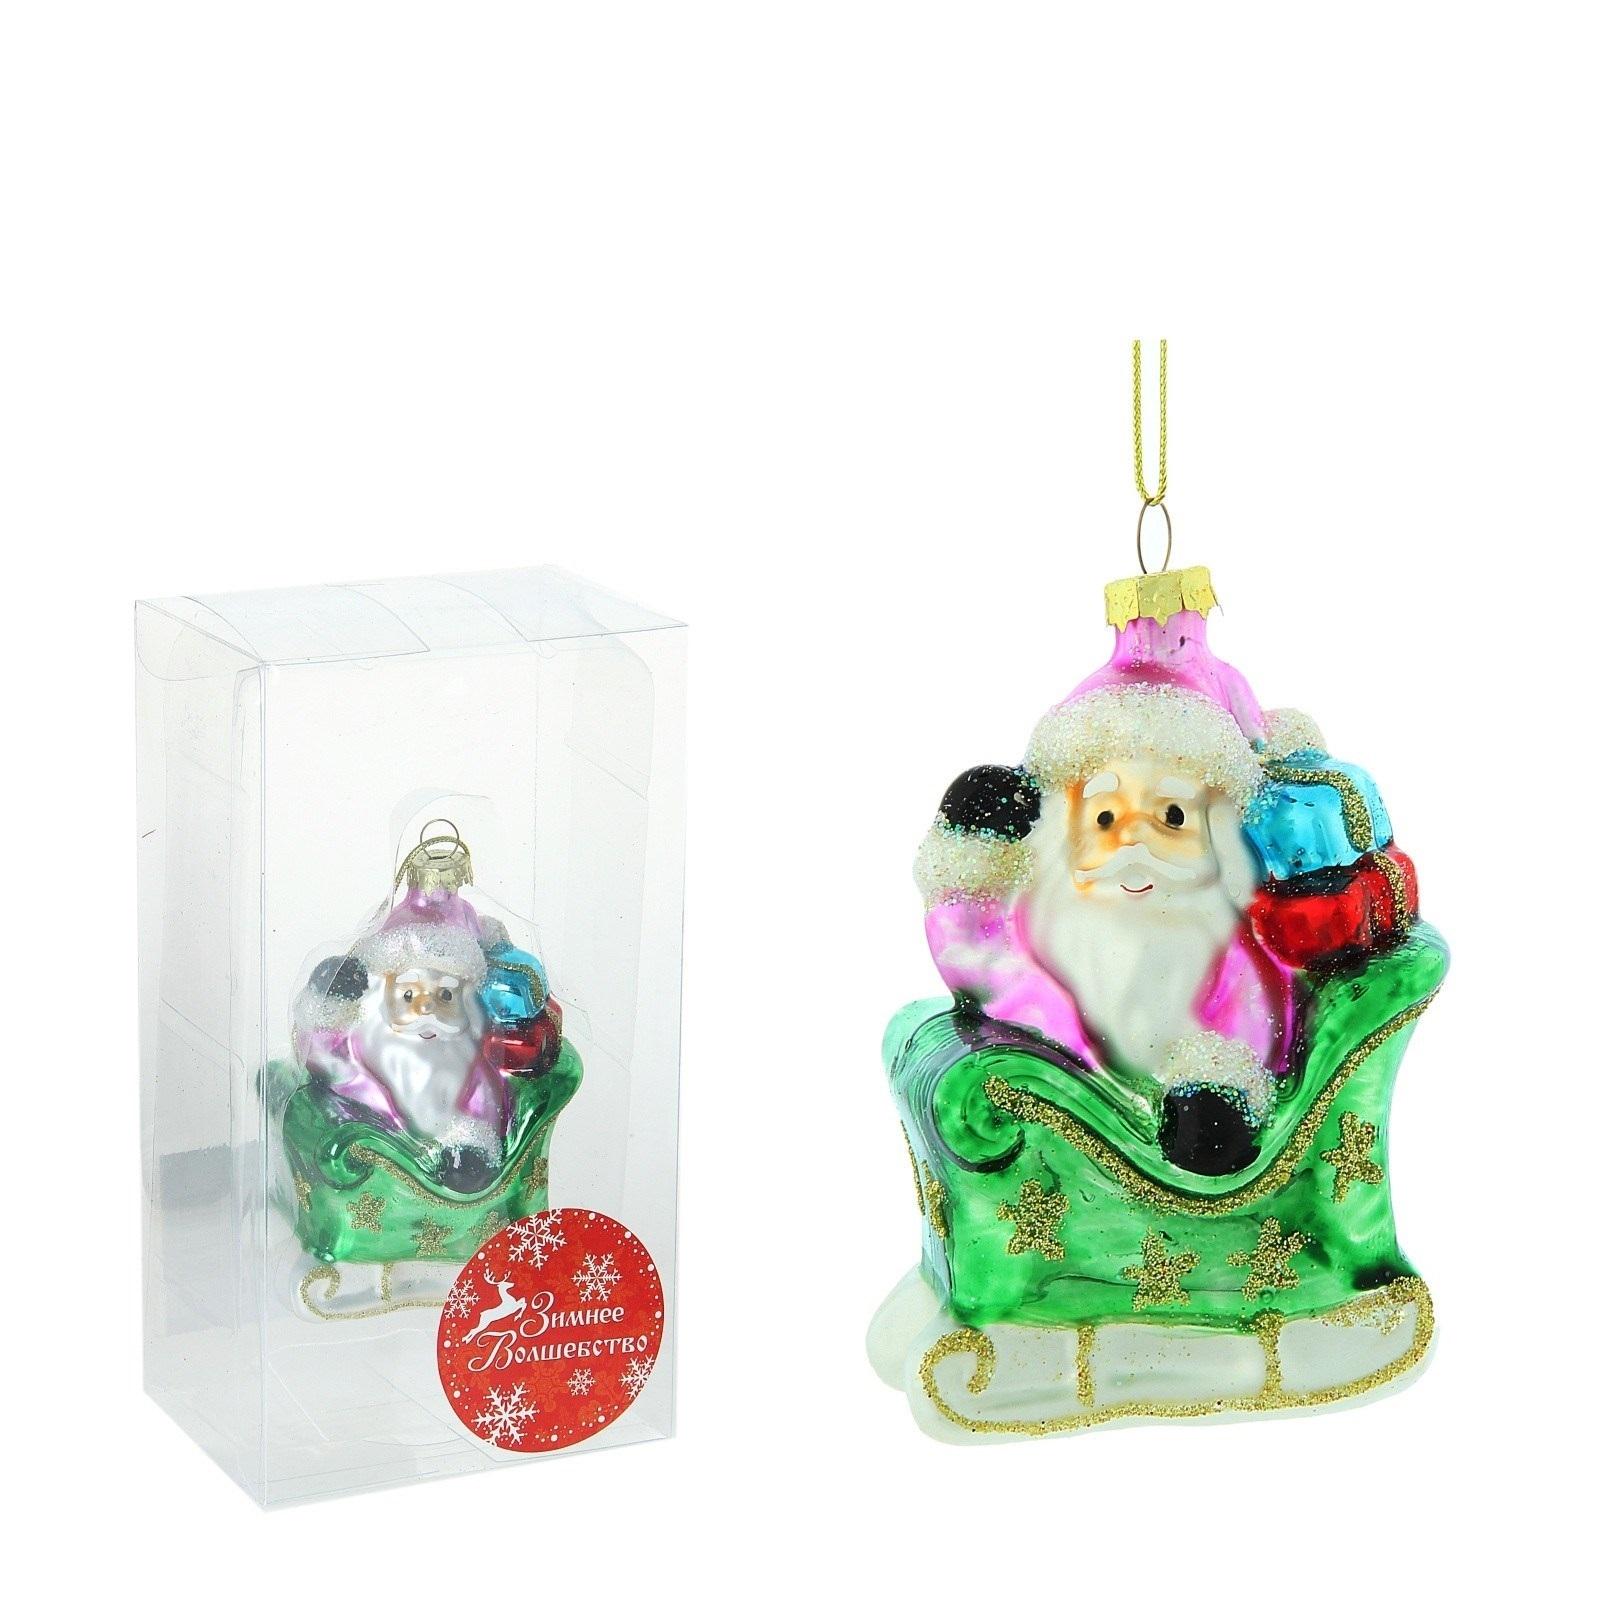 НГ Елочные украшения-подвески 2шт Дед Мороз на санях (золот)